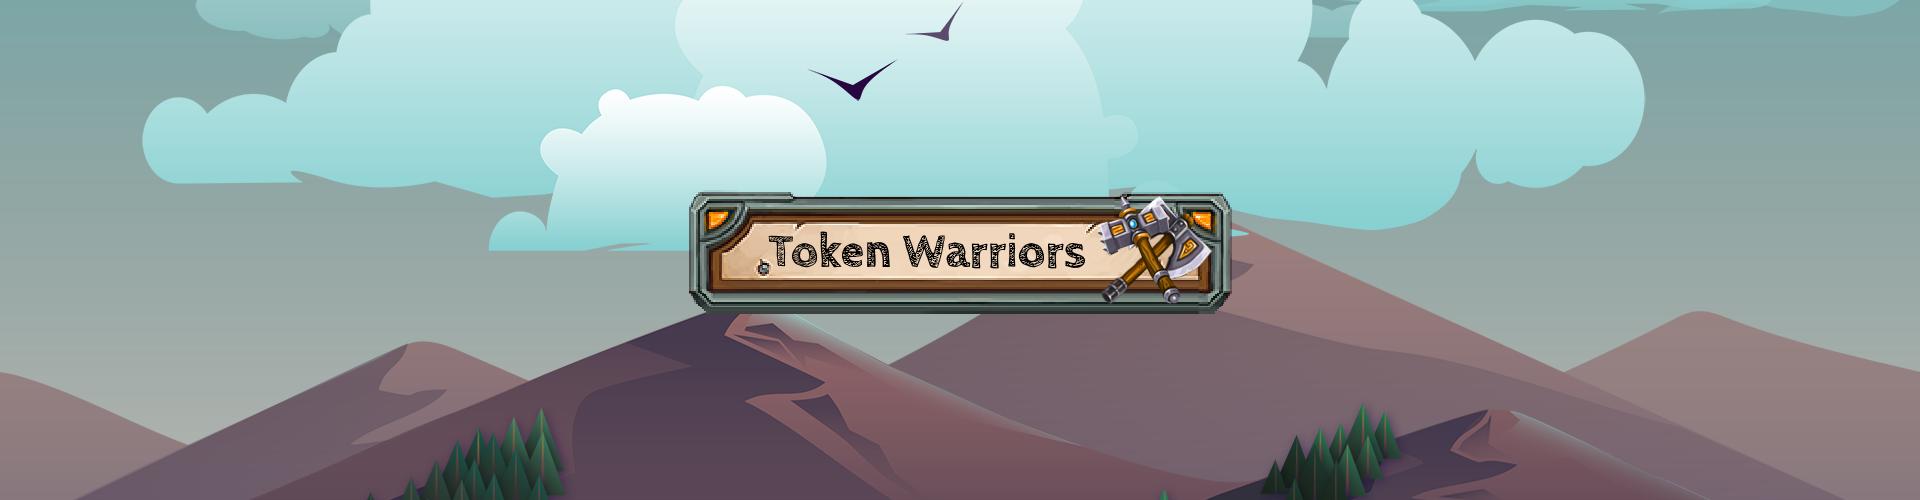 TokenWarriors